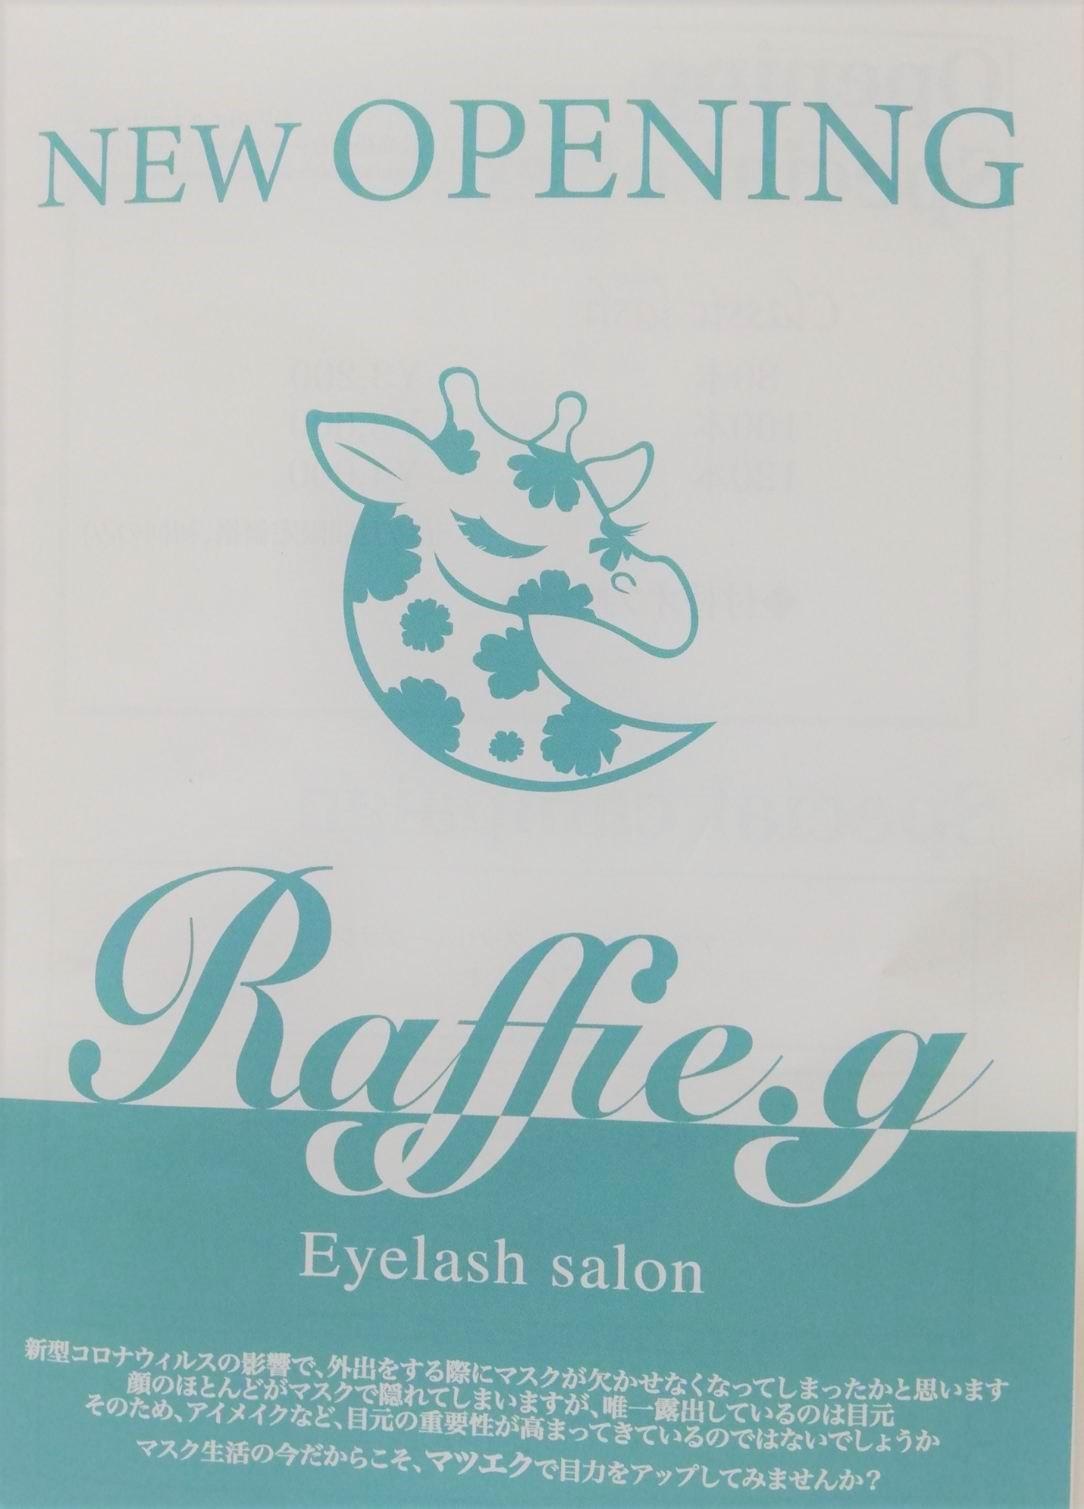 Raffie.g